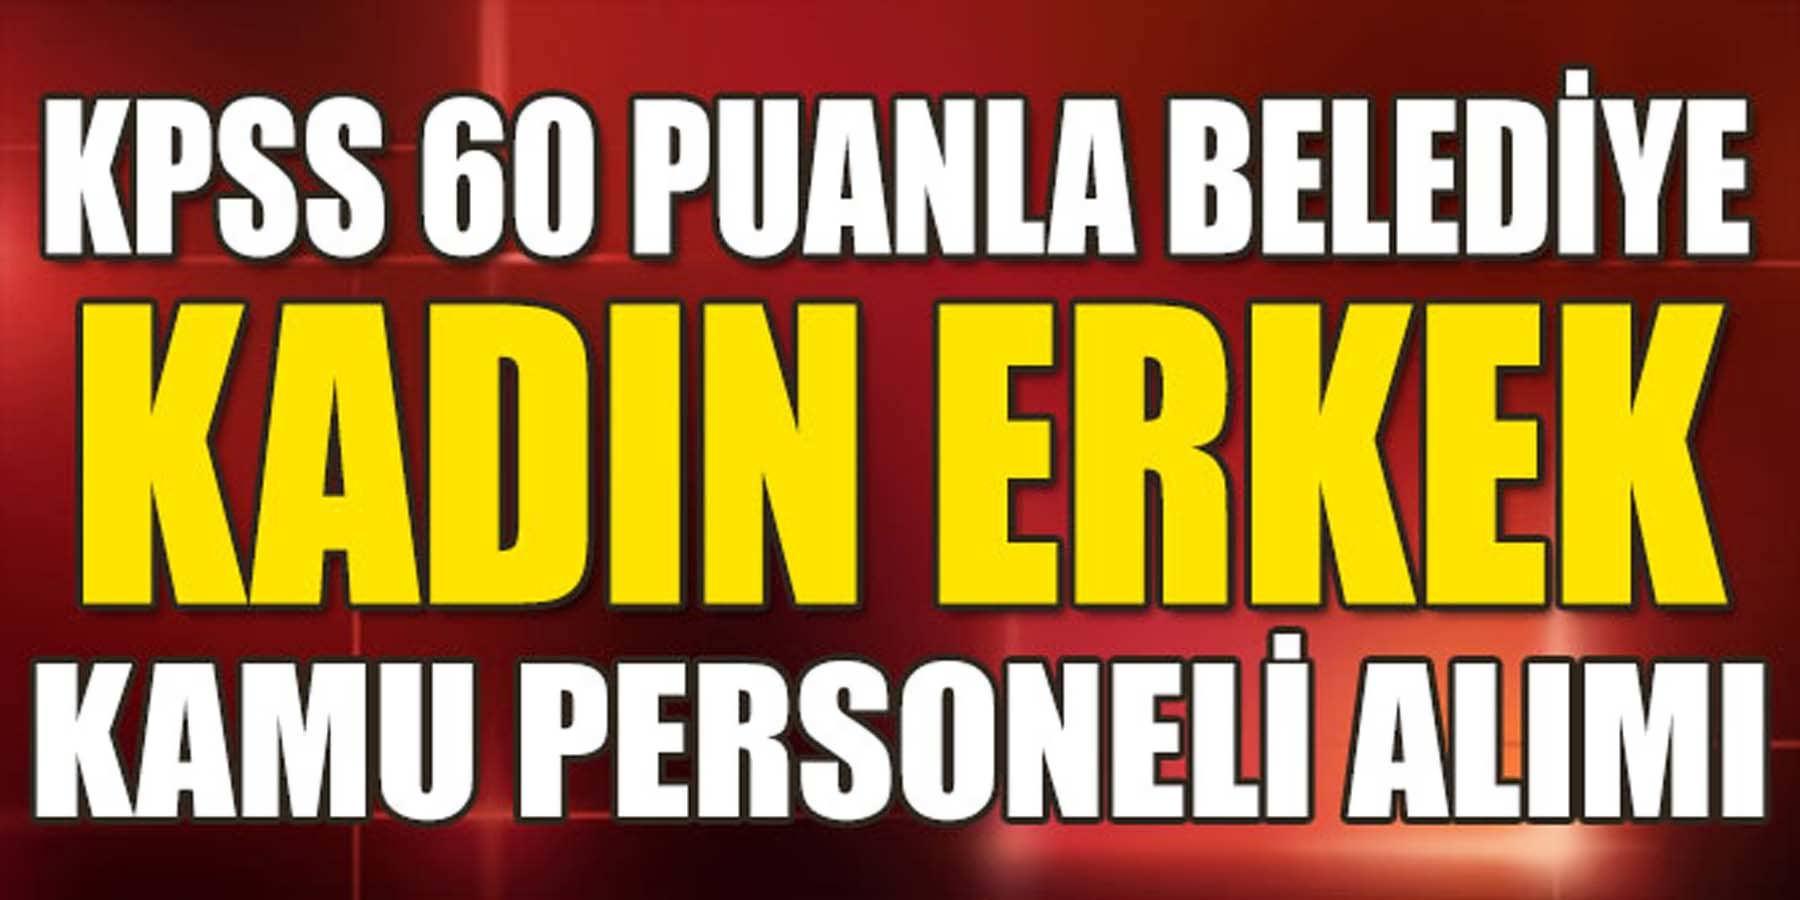 KPSS 60 Puanla Belediye Kadın Erkek Kamu Personeli Alımı